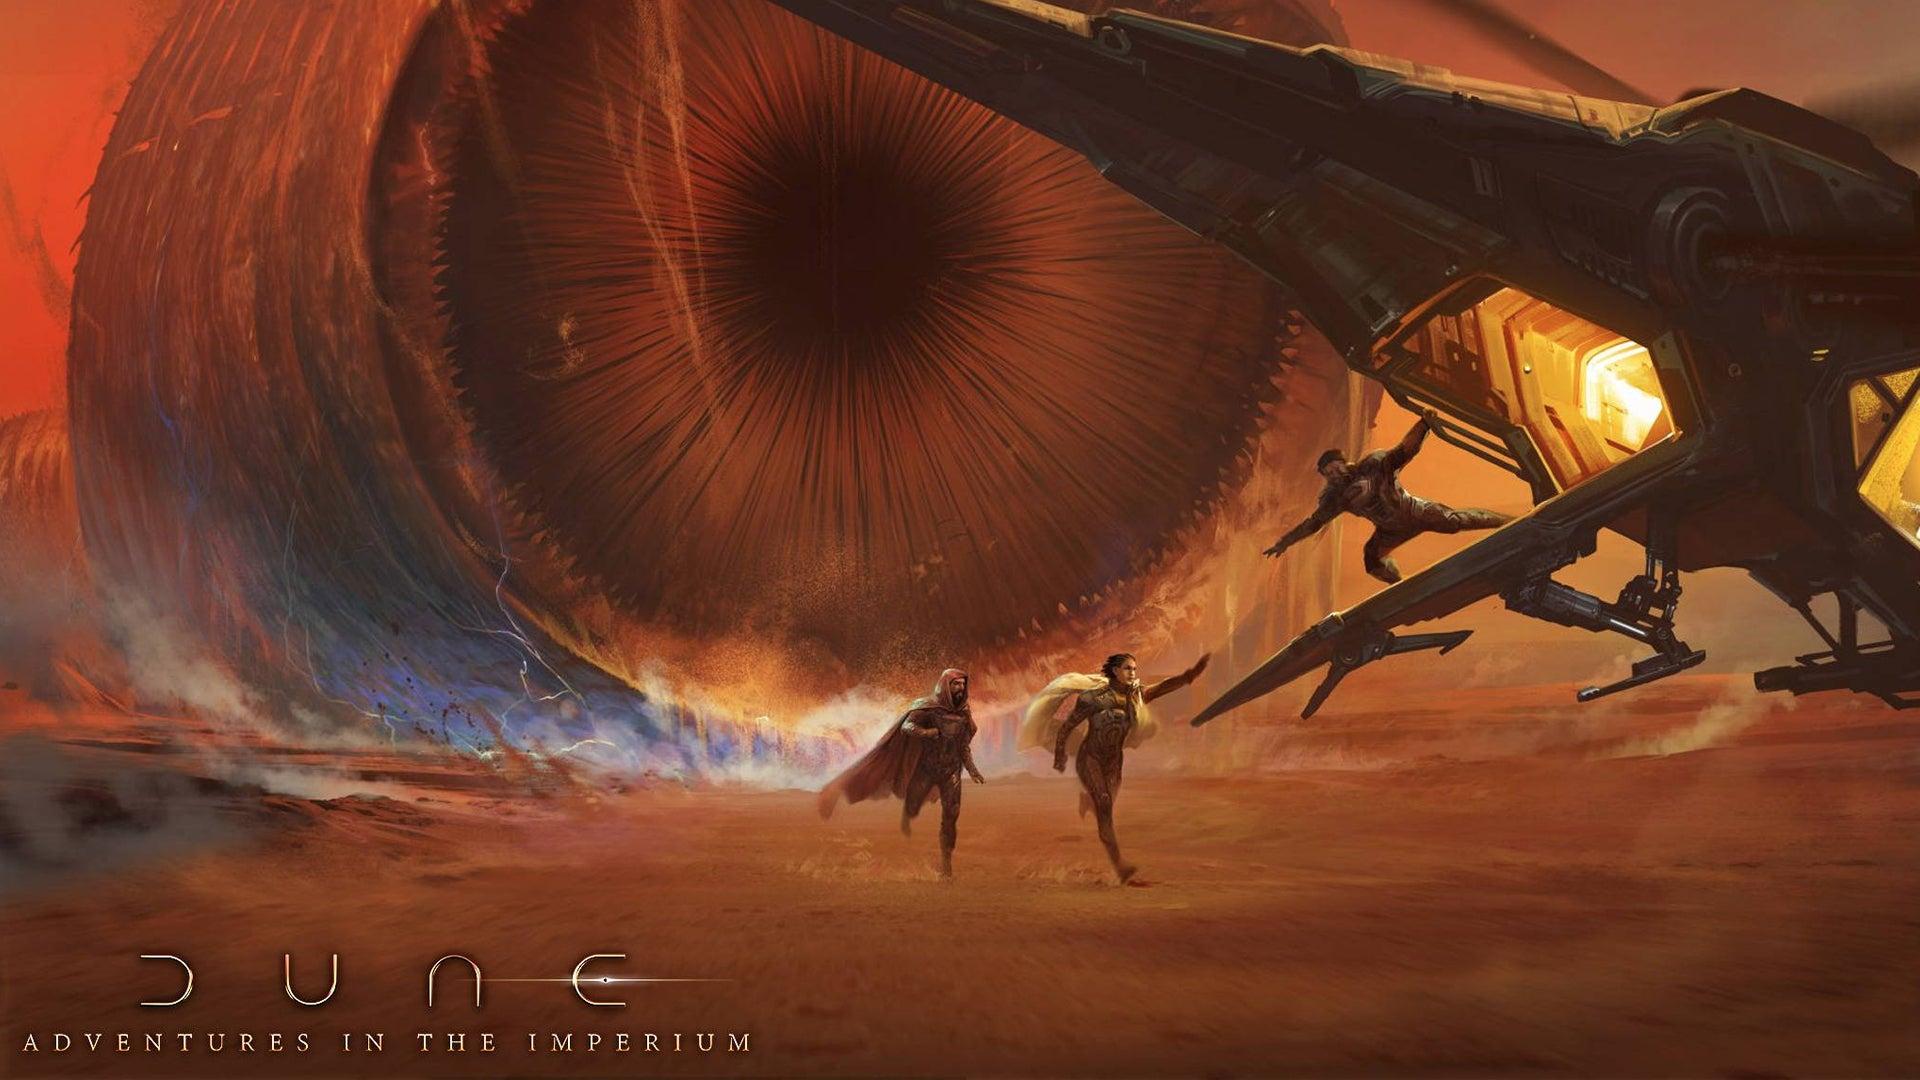 dune-rpg-adventures-in-the-imperium-artwork-4.jpeg